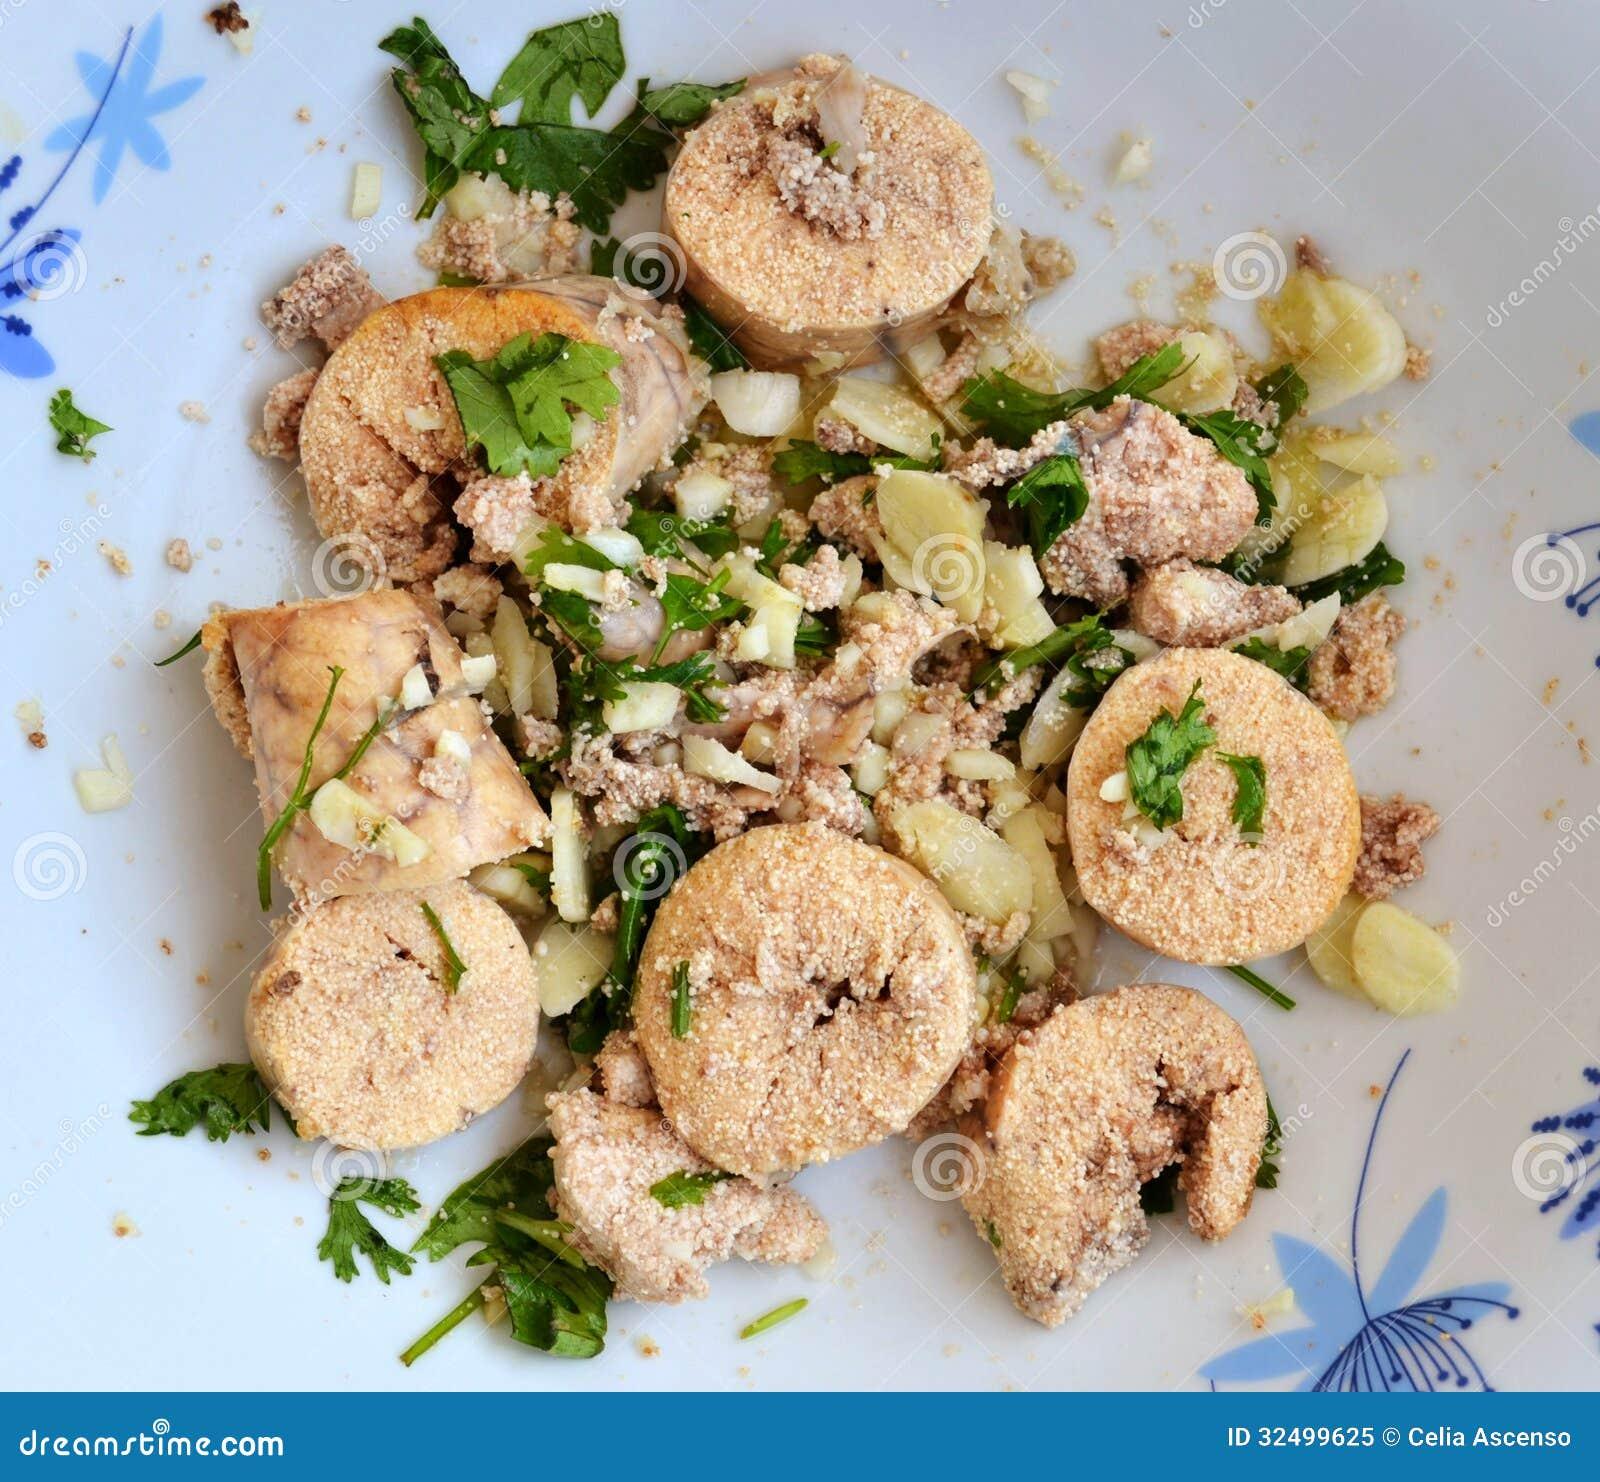 Σαλάτα ορεκτικών αυγοτάραχων αυγών ψαριών